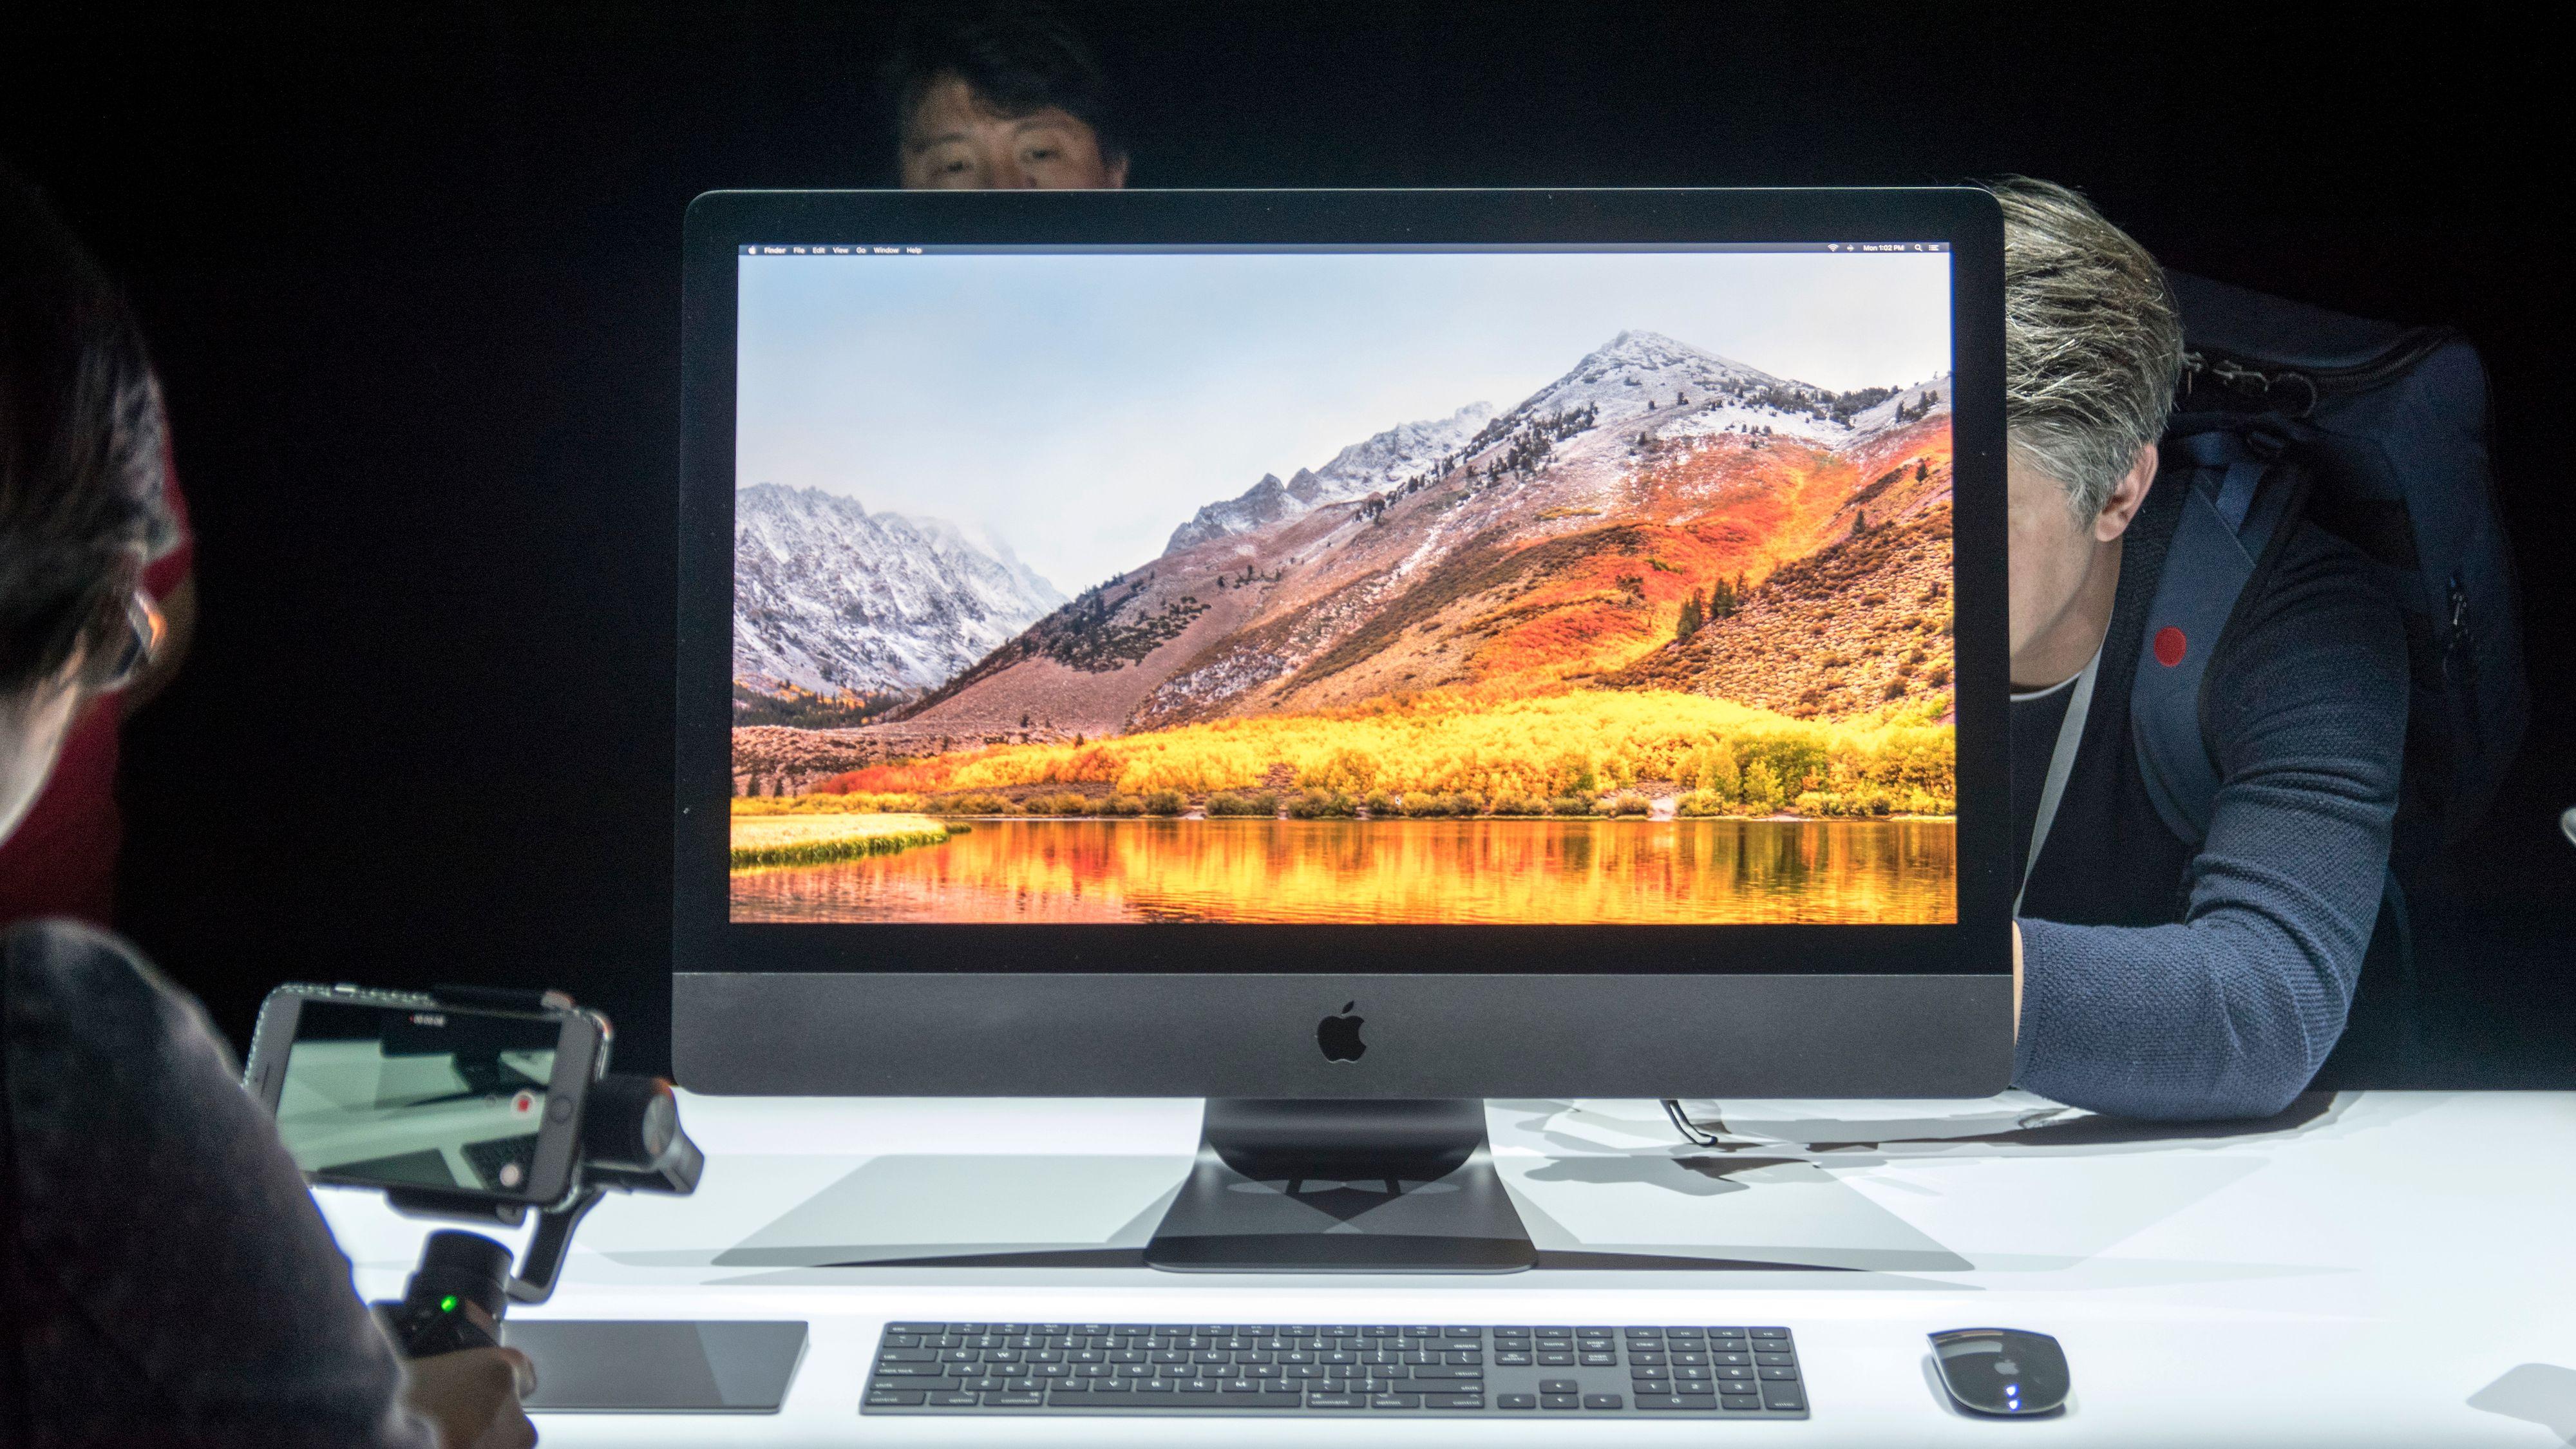 Det er nok en god stund til vi får se iMac Pro med ARM-innmat. Til det er ARM-prosessorene fortsatt rettet for mye mot effektivitet og for lite mot ren og skjær ytelse.